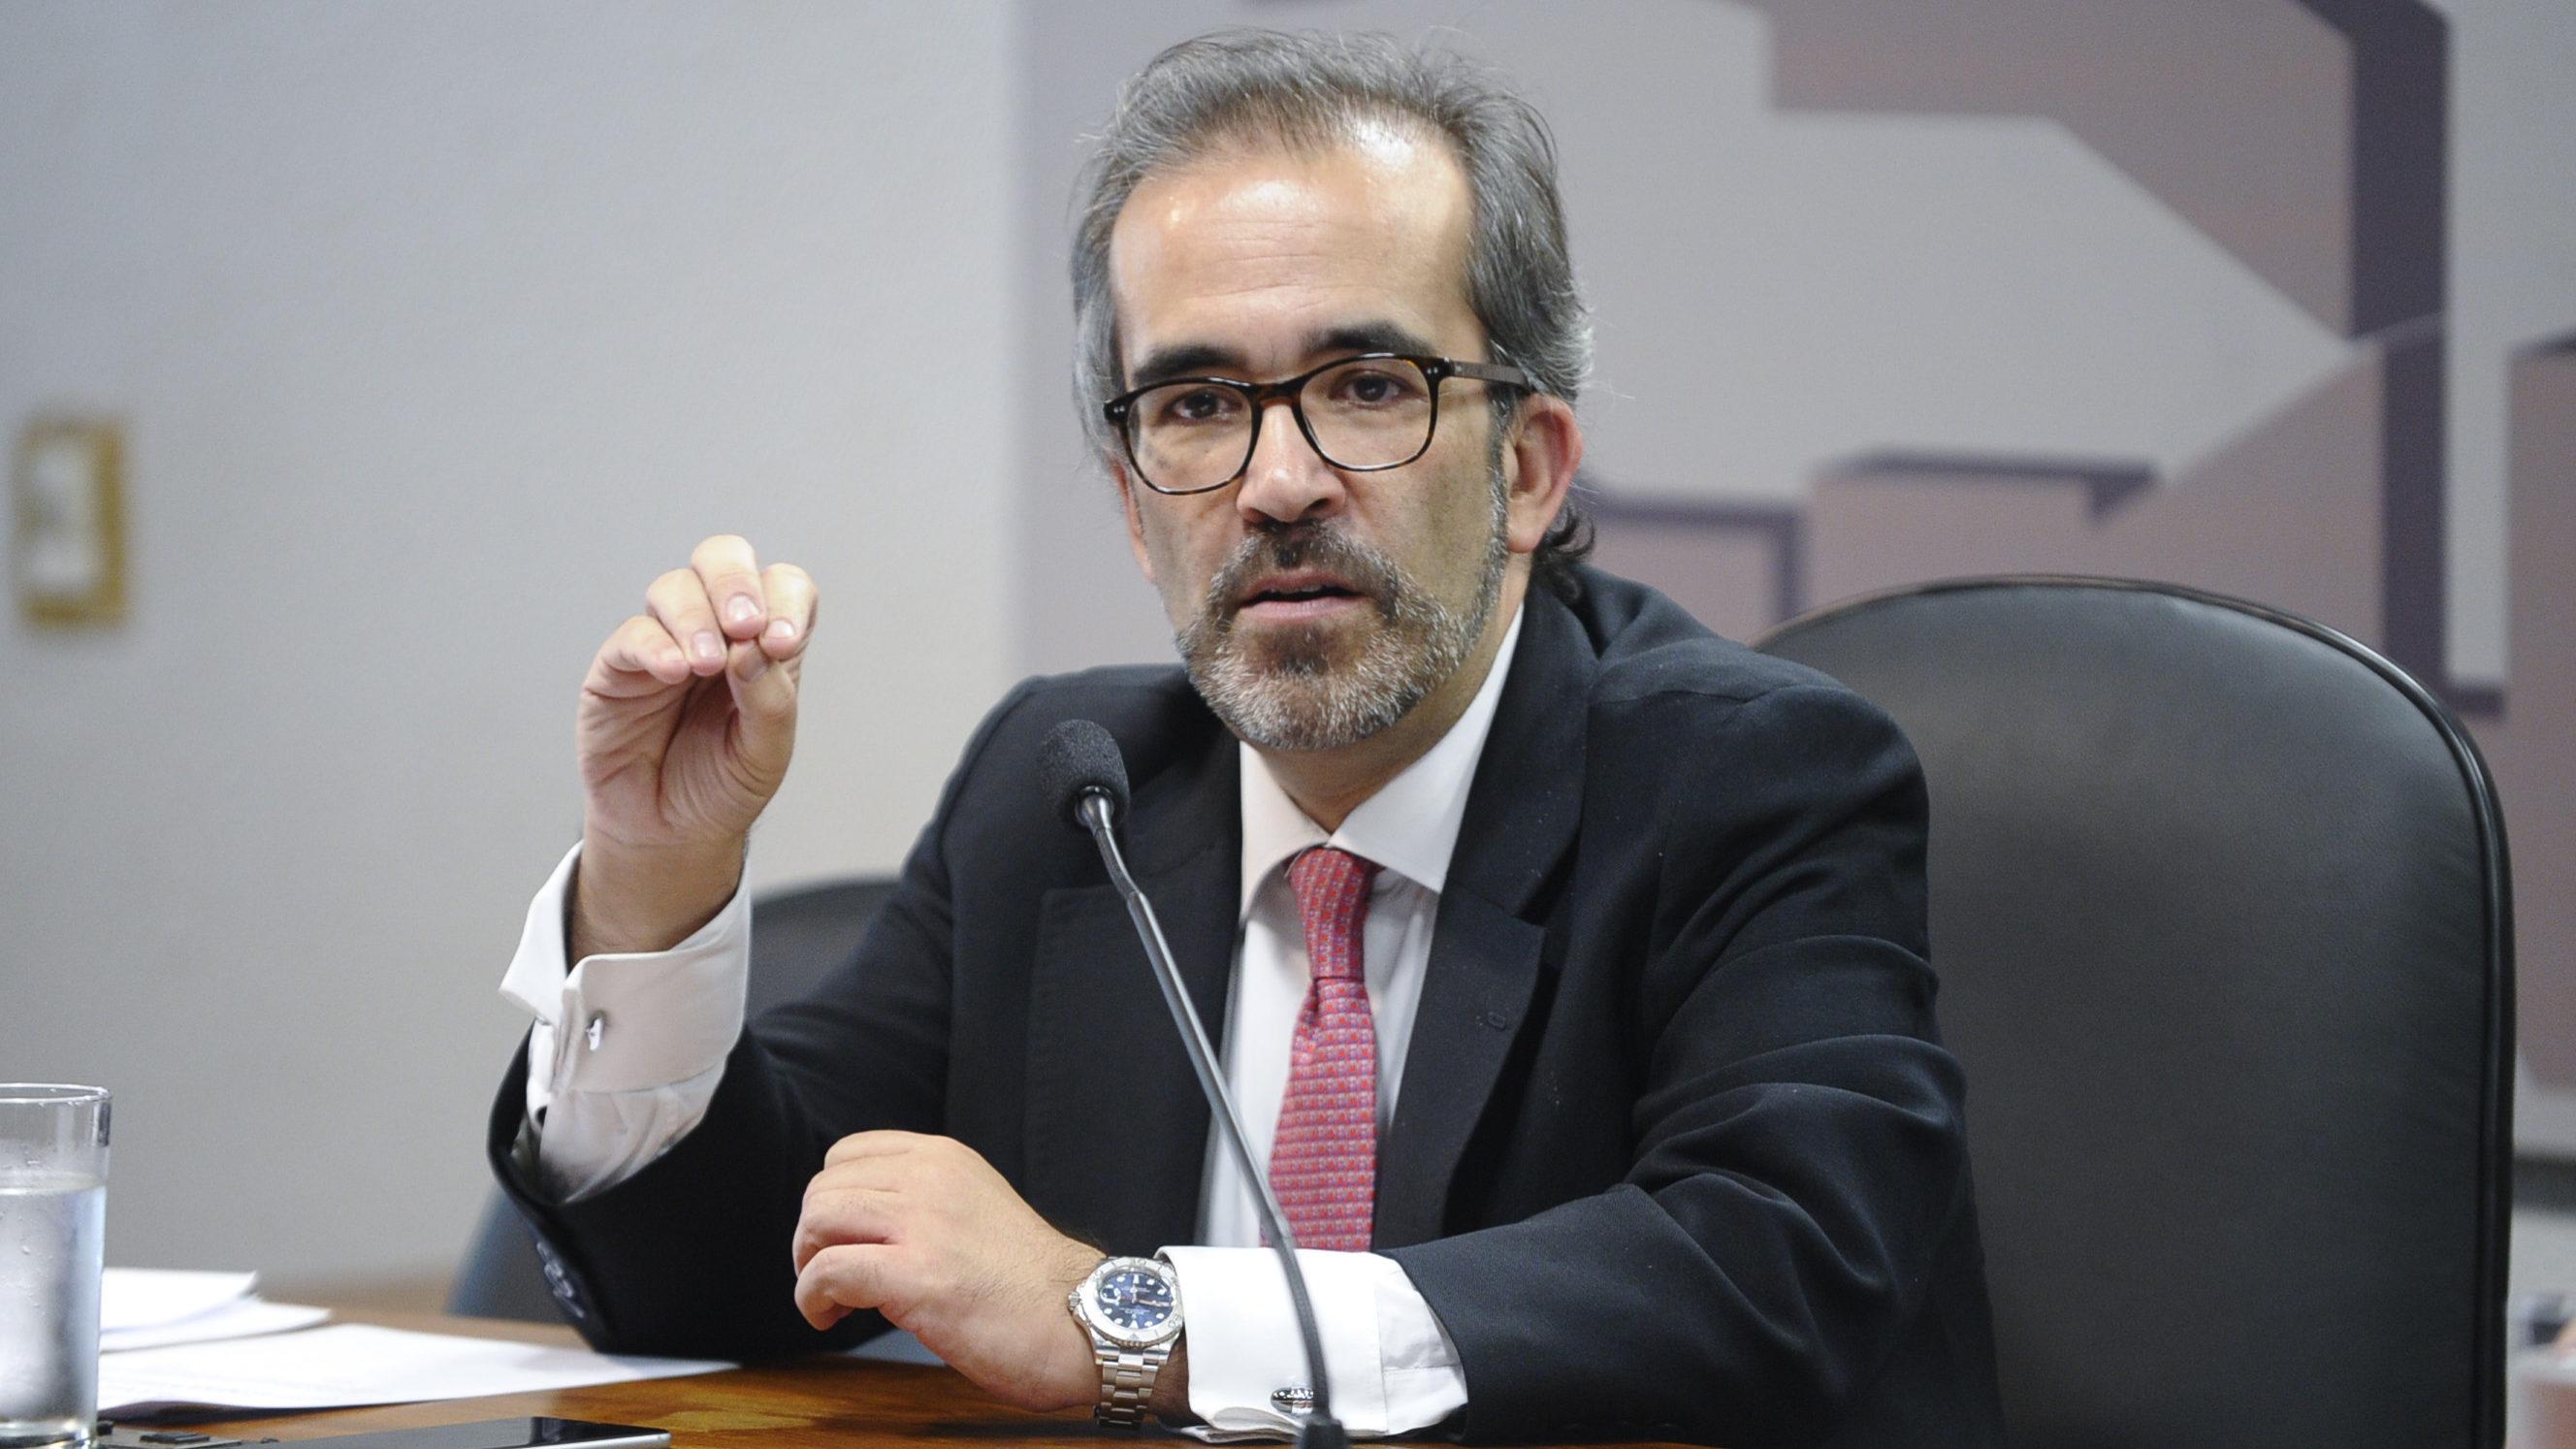 Rangel confirma que será número dois da lista de Rui Rio ao Conselho Nacional do PSD